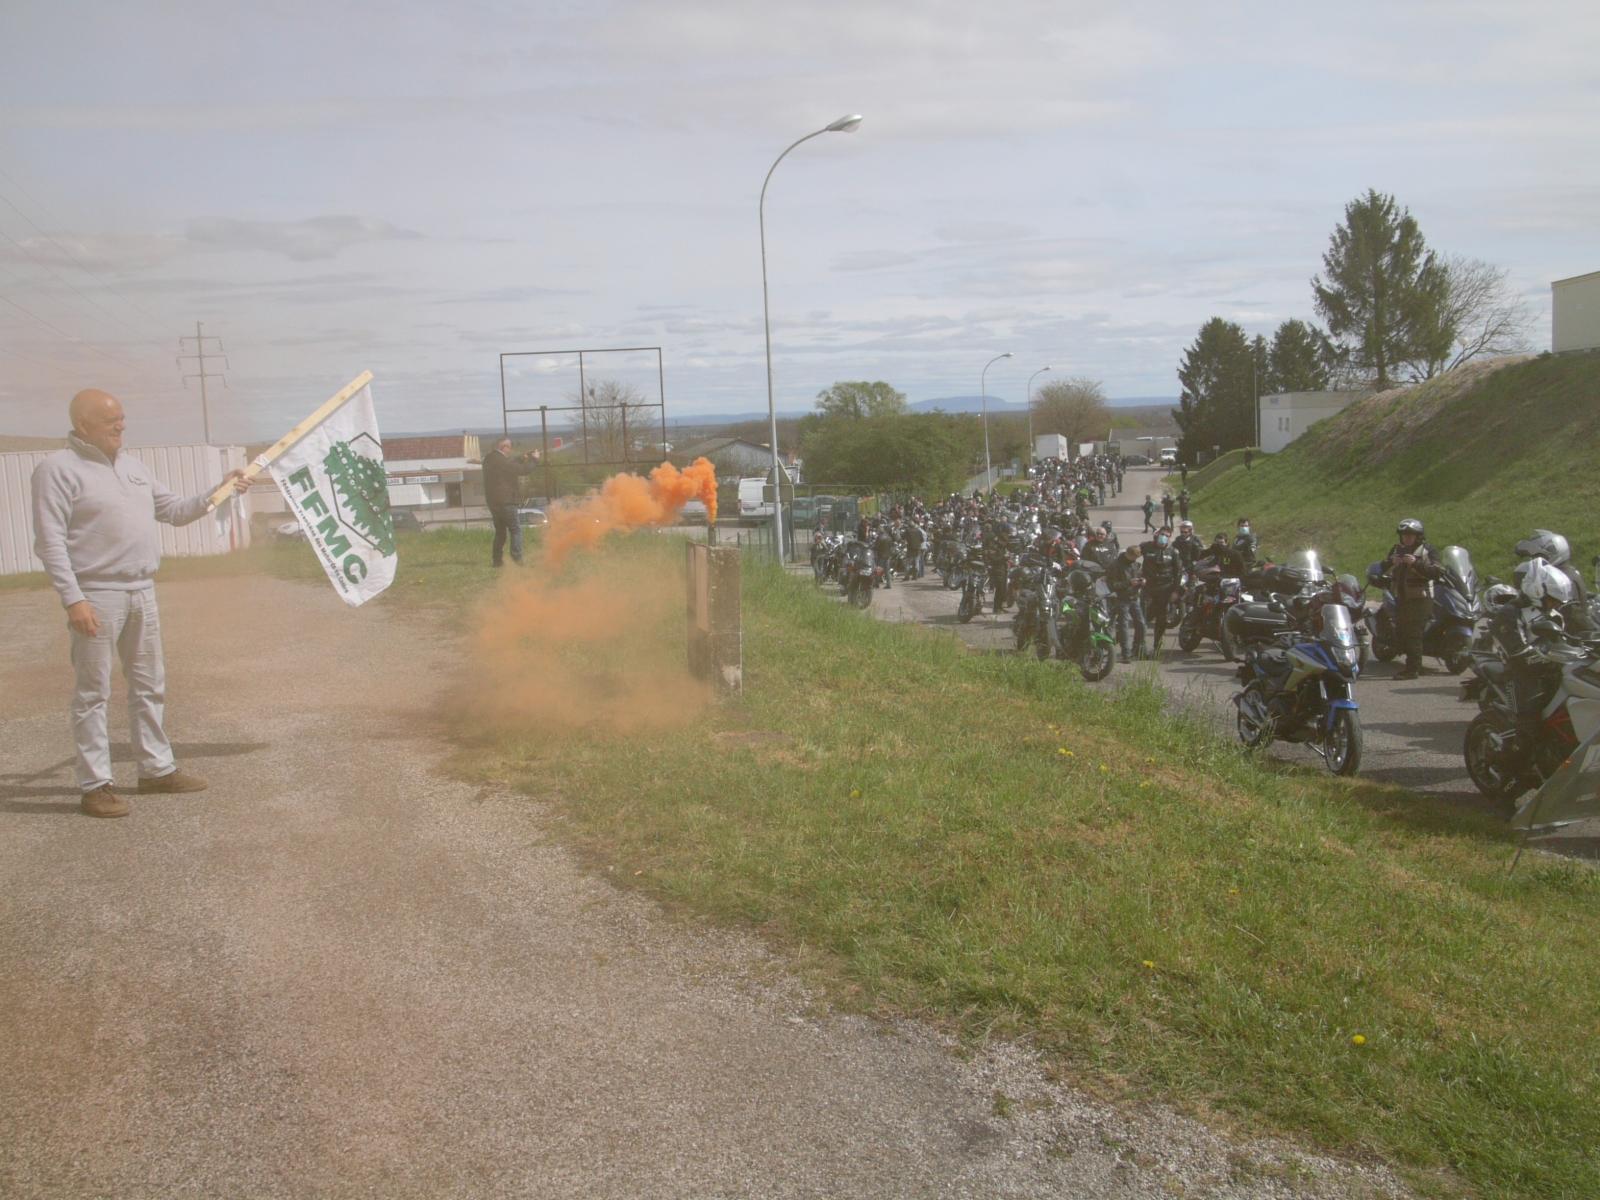 Le 14 juillet, contre la motophobie, tous au défilé des motards en colère à Besançon !